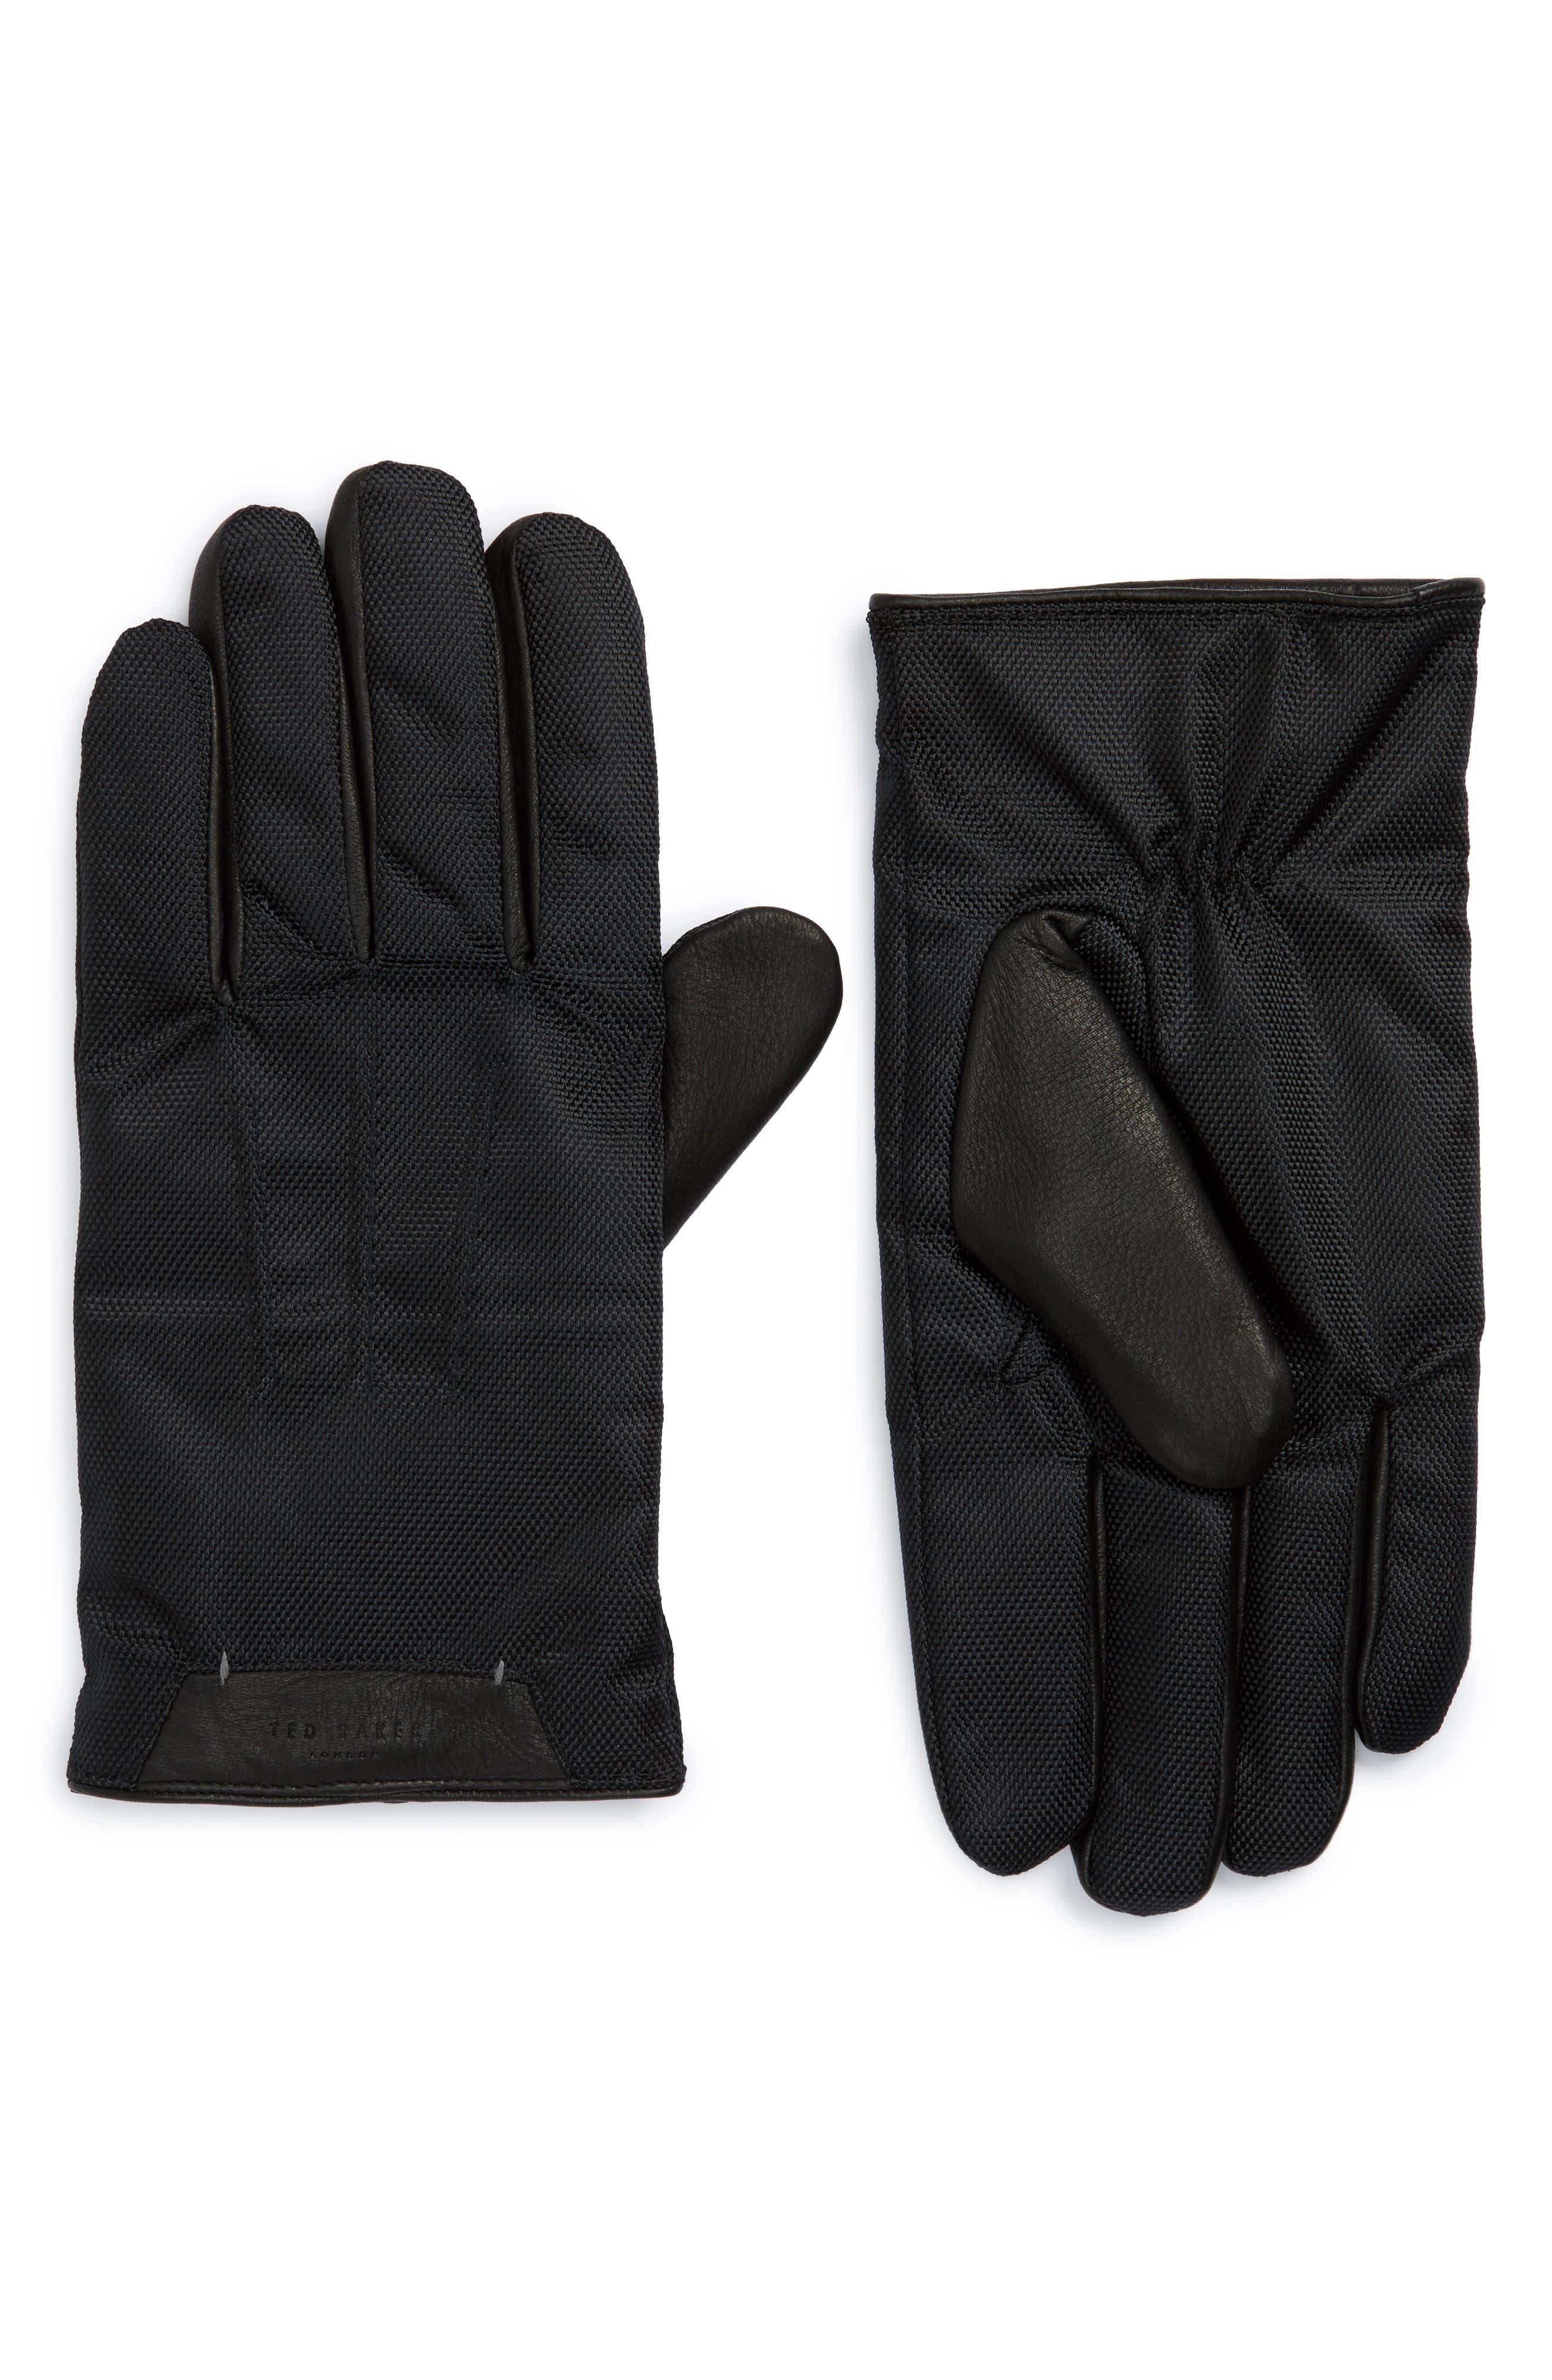 Ted Baker London Mohawk Gloves